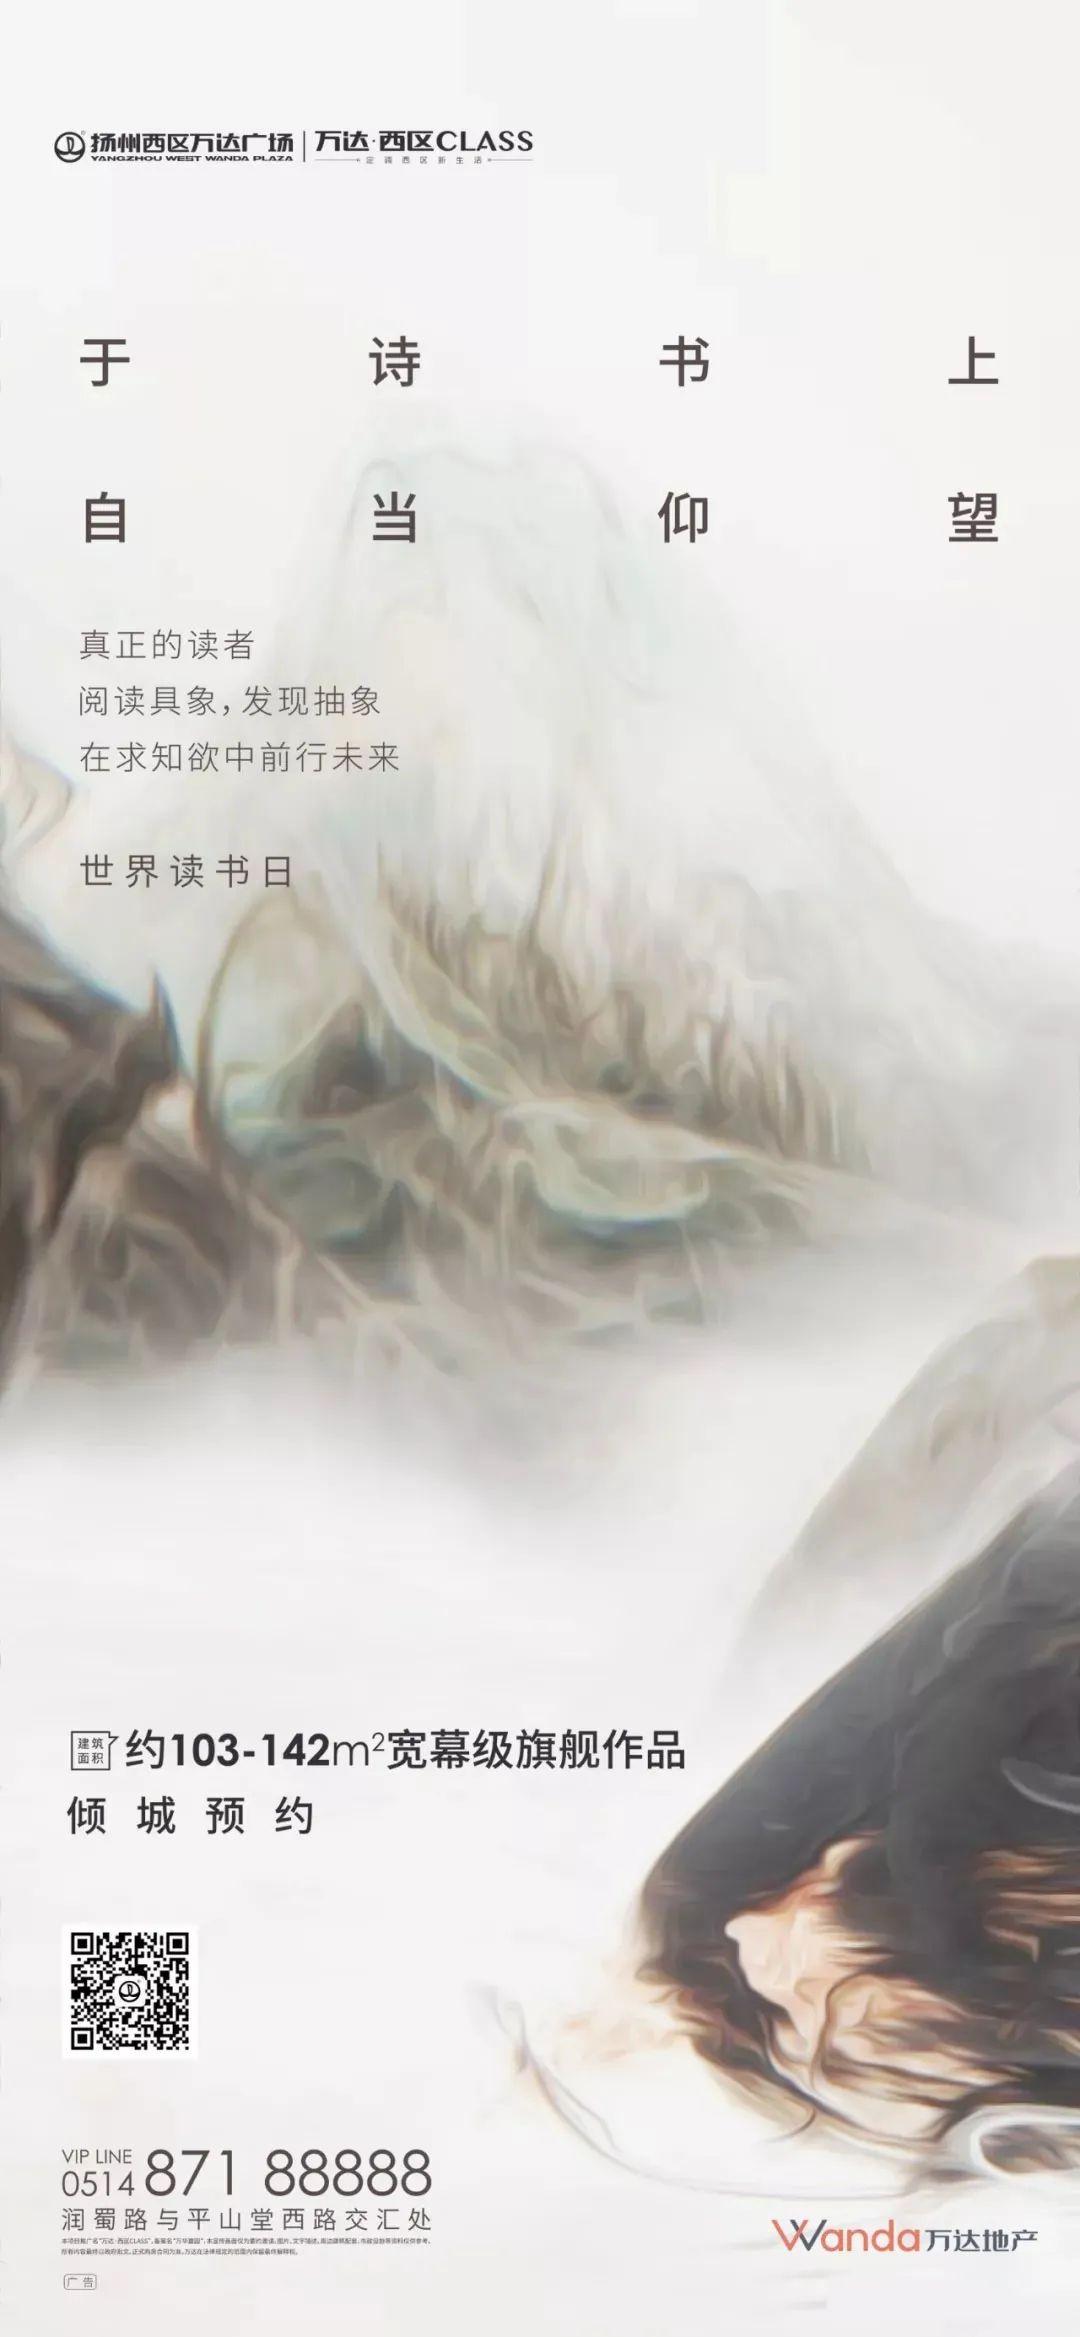 世界读书日文案海报欣赏:别给自己的懒惰找借口!插图13